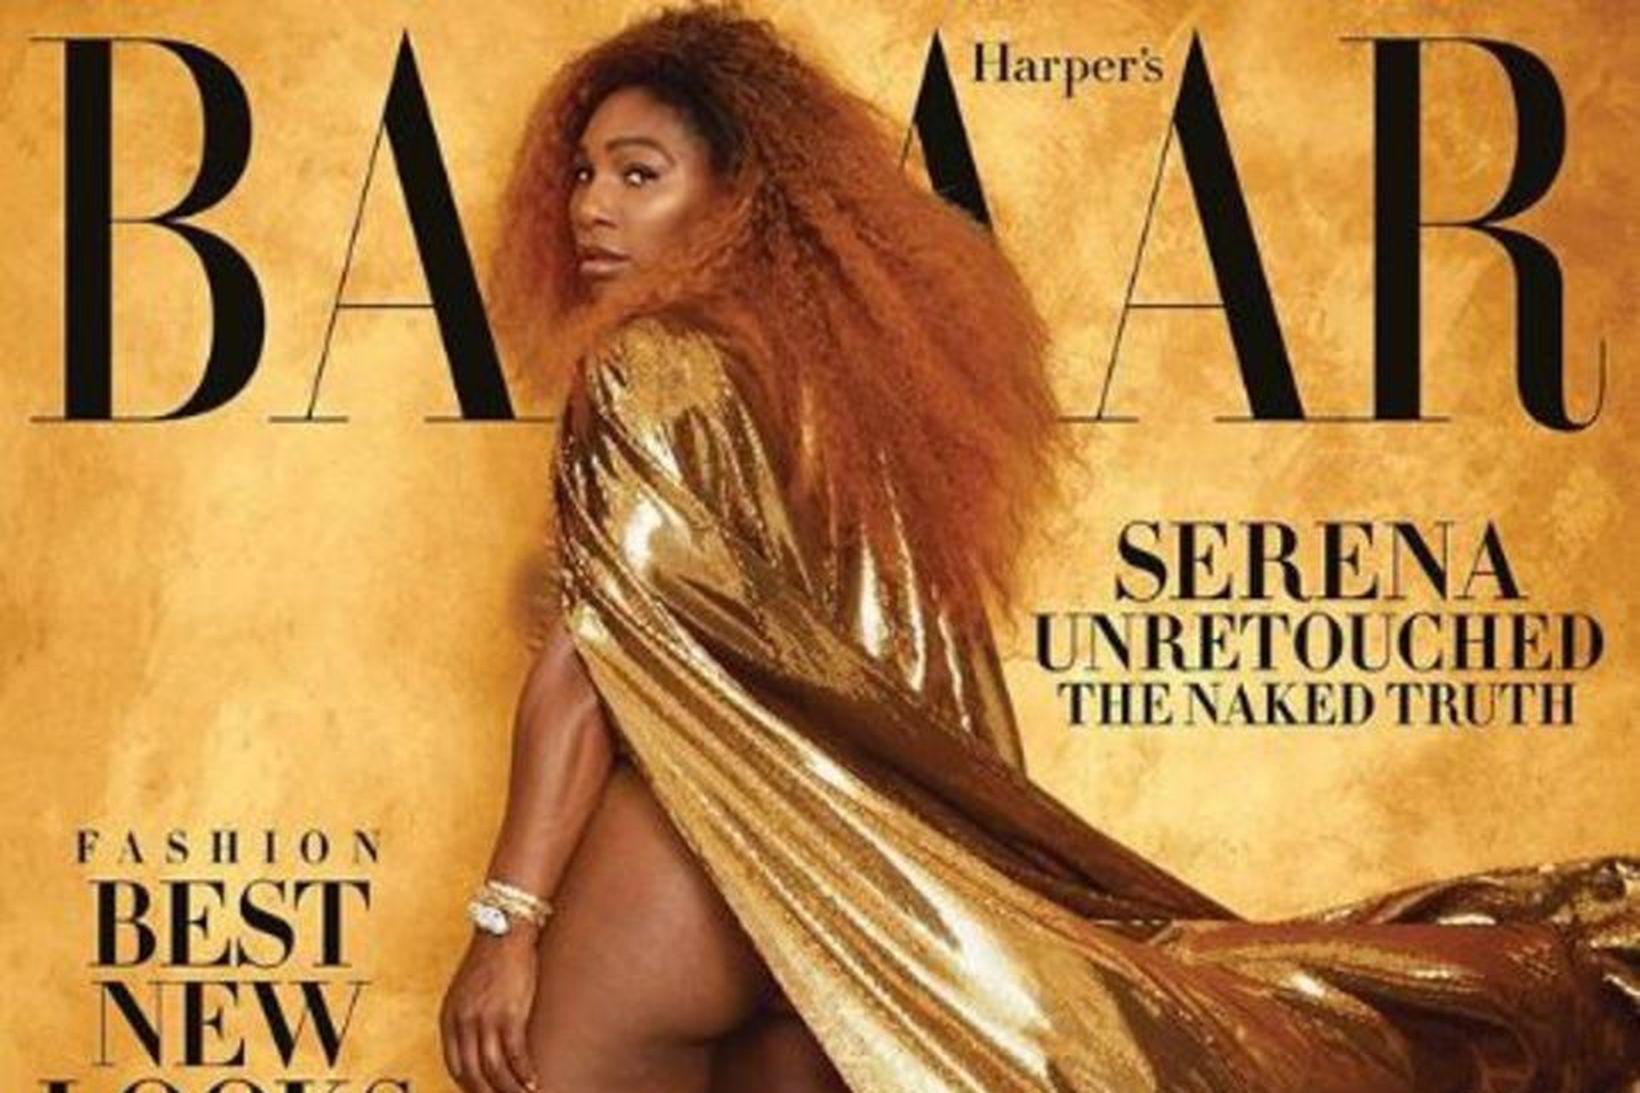 Serena Williams á forsíðu Harper's Bazaar.